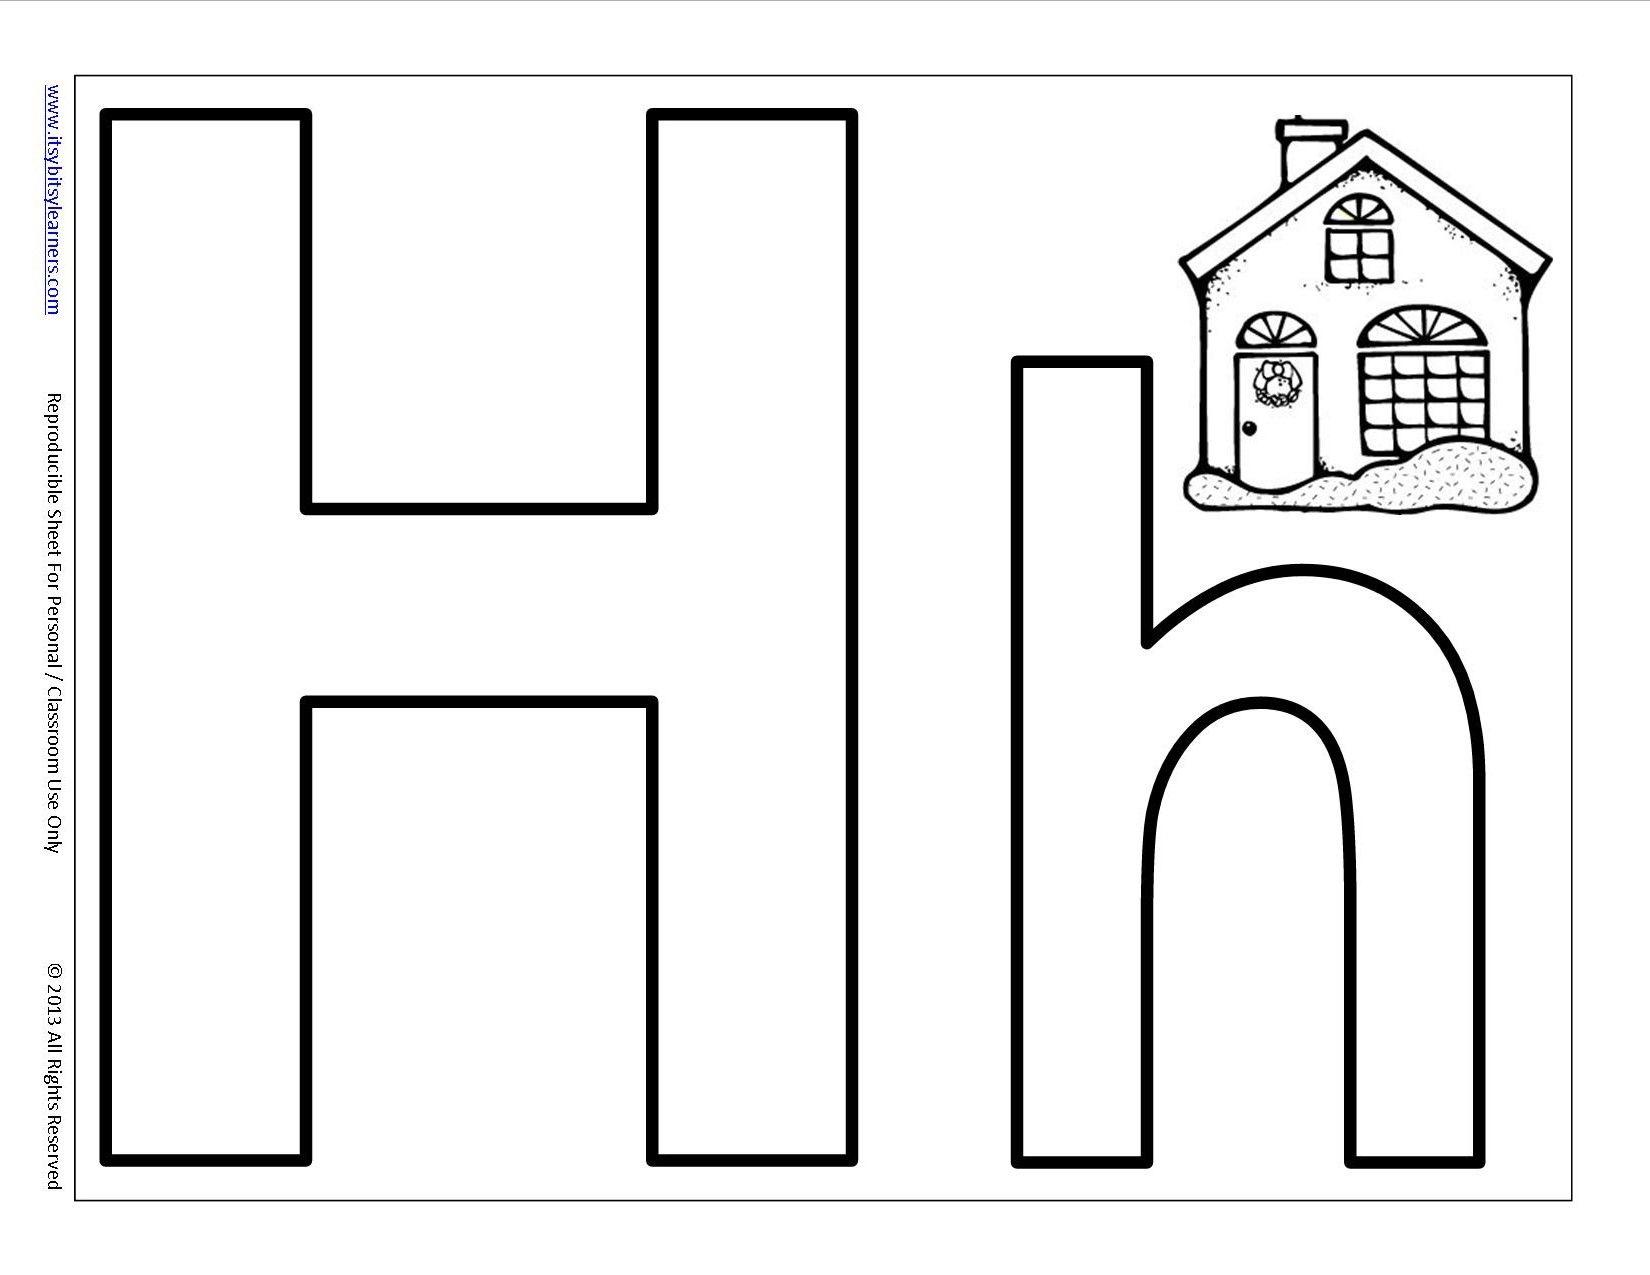 letter of the week letter a b c d e f g h i available as printable worksheet pack. Black Bedroom Furniture Sets. Home Design Ideas